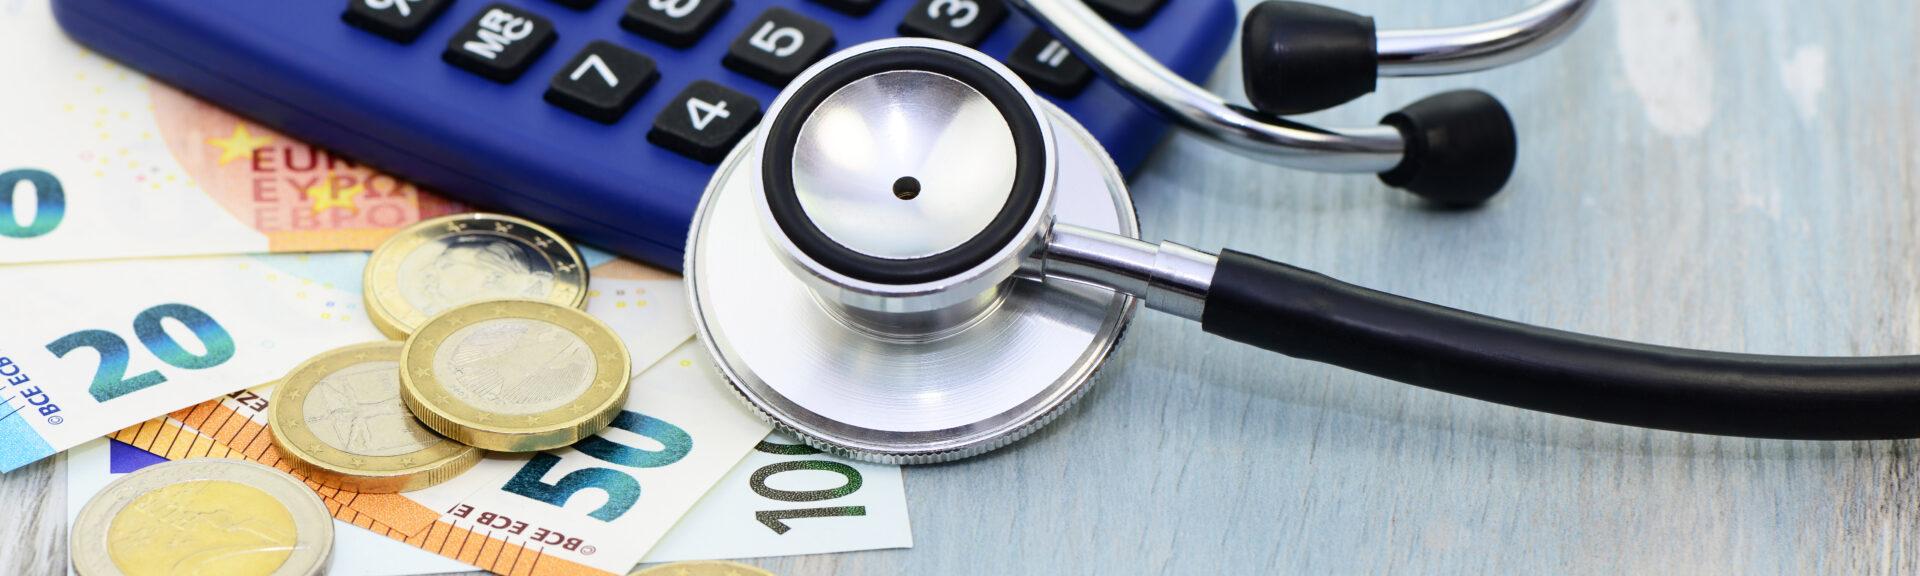 Stetoskop, Rechner, Geld